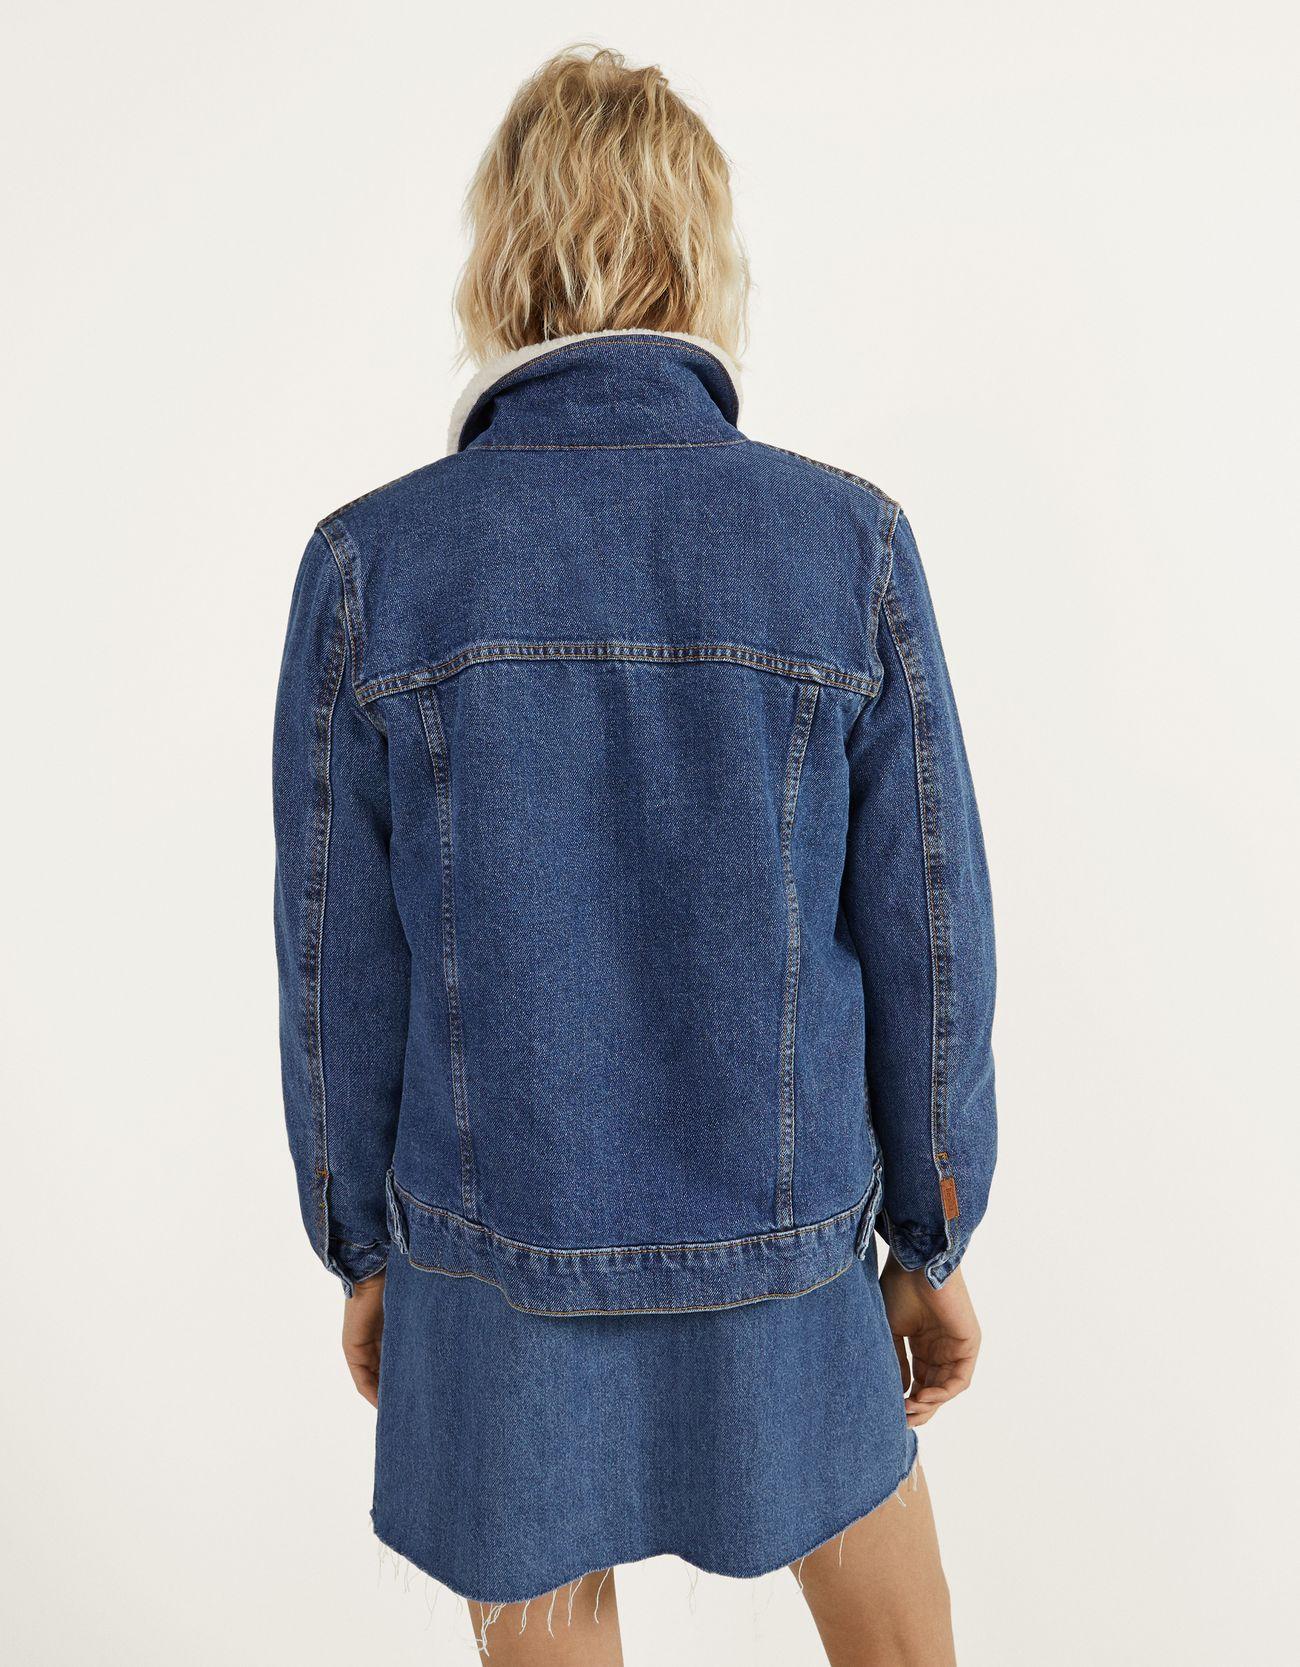 Джинсовая куртка с отделкой из искусственной овчины СИНИЙ Bershka